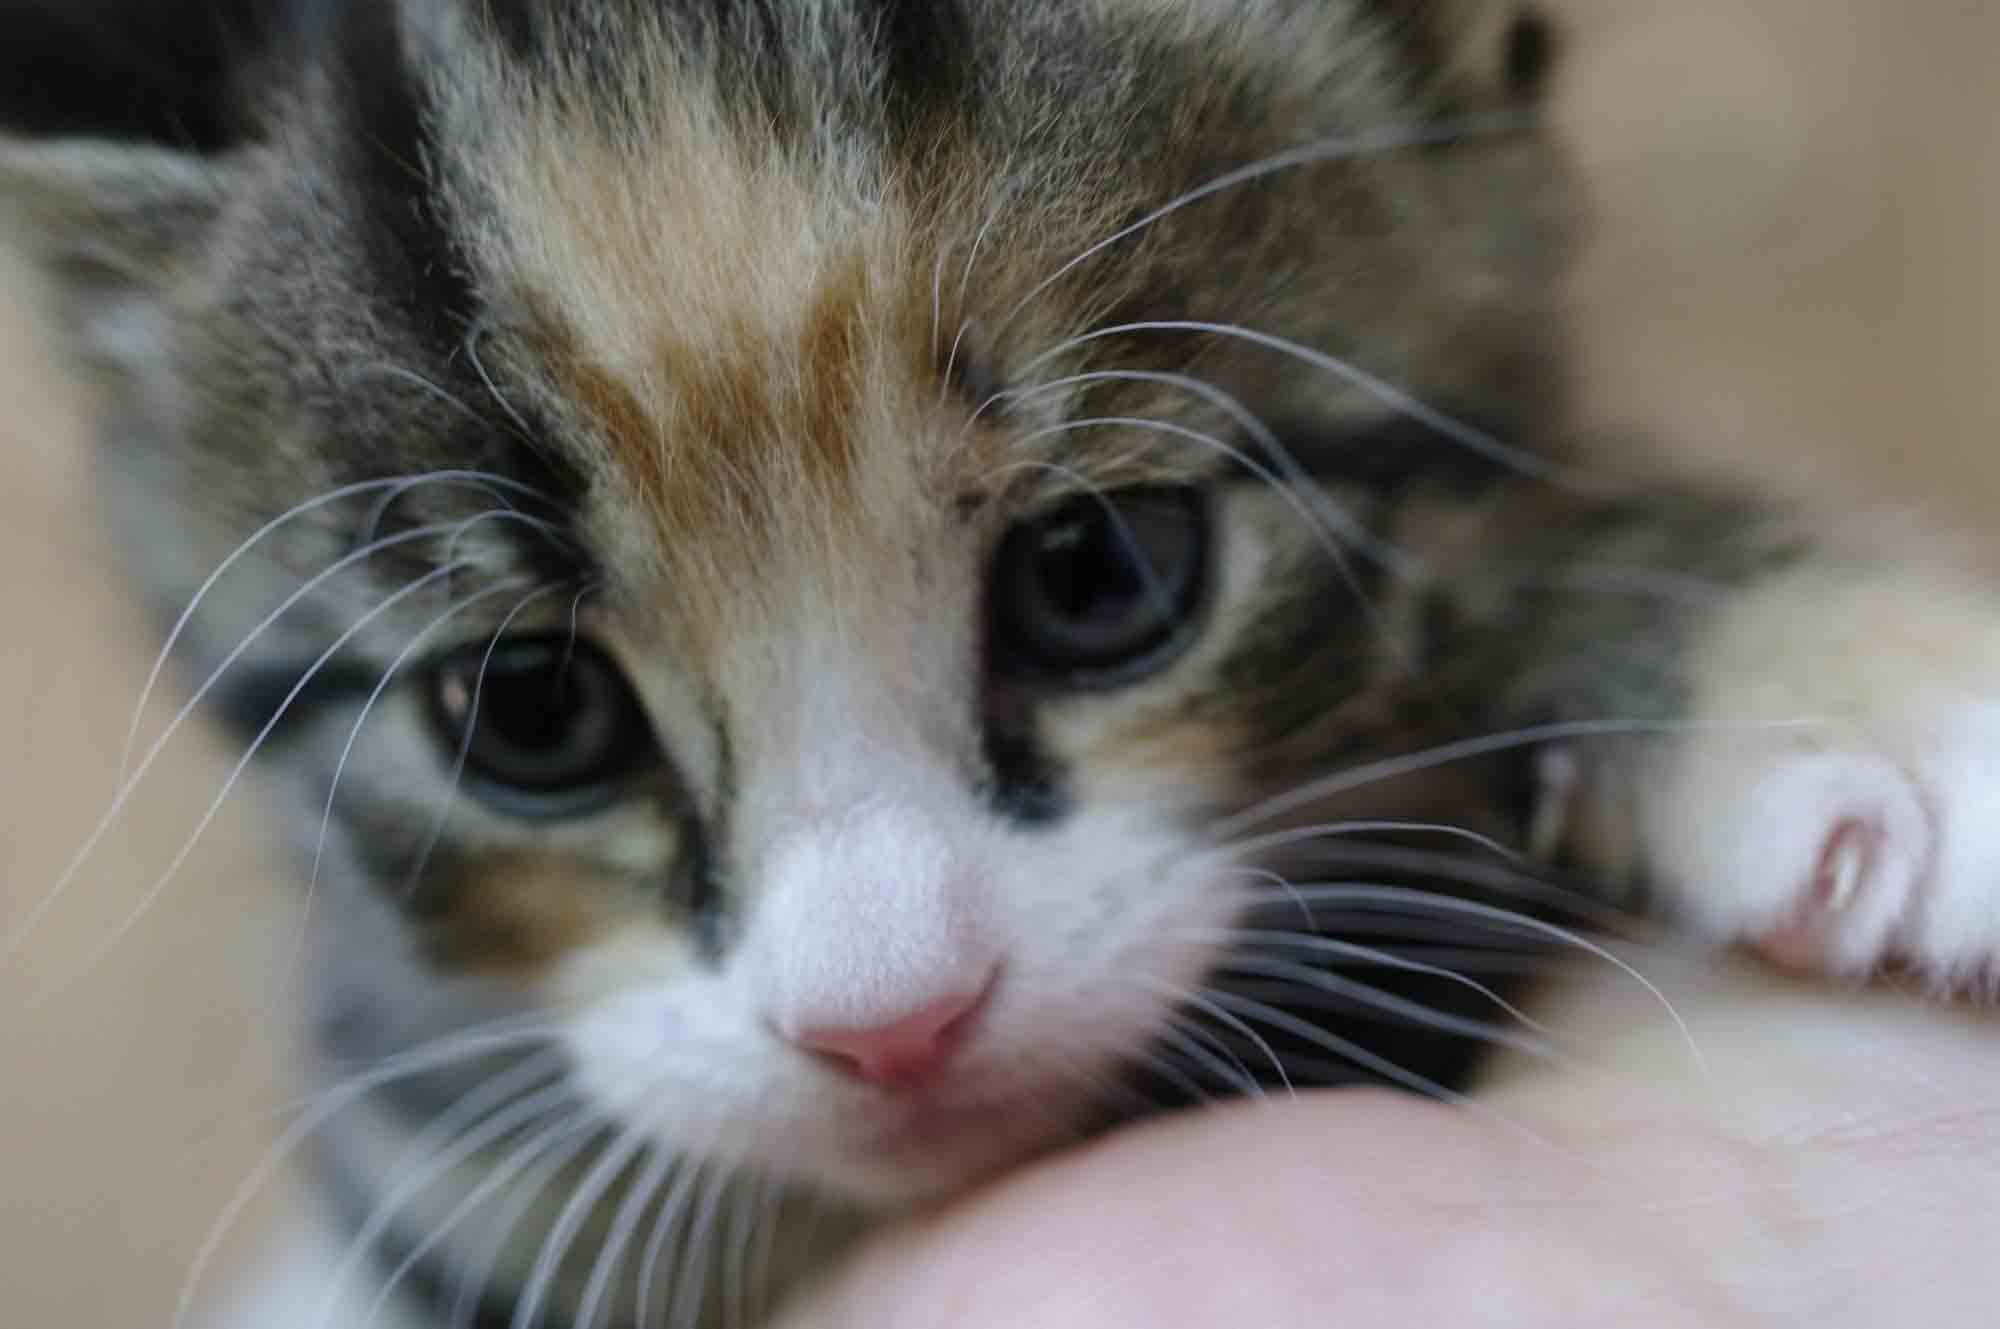 Как быстро приучить взрослого кота к лотку с решеткой и наполнителем